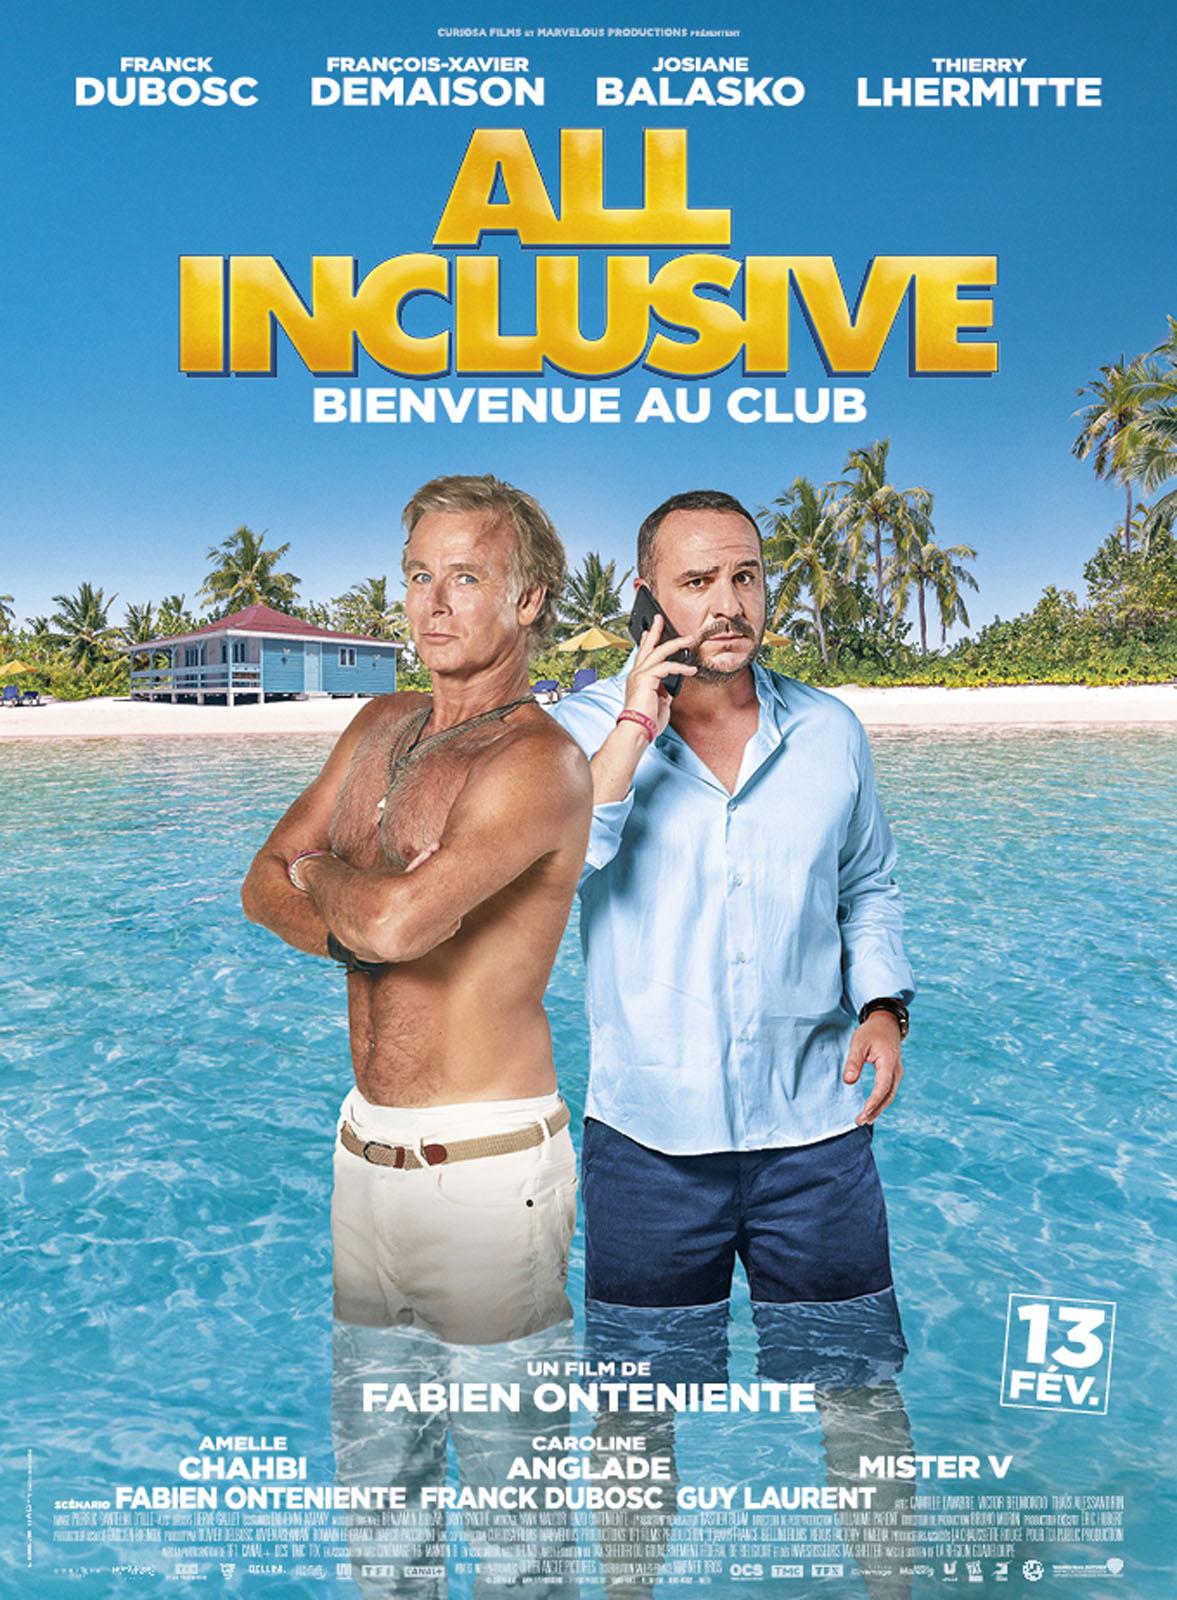 All Inclusive - TF1 - Franck Dubosc - Francçois Xavier Demaison - comédie -